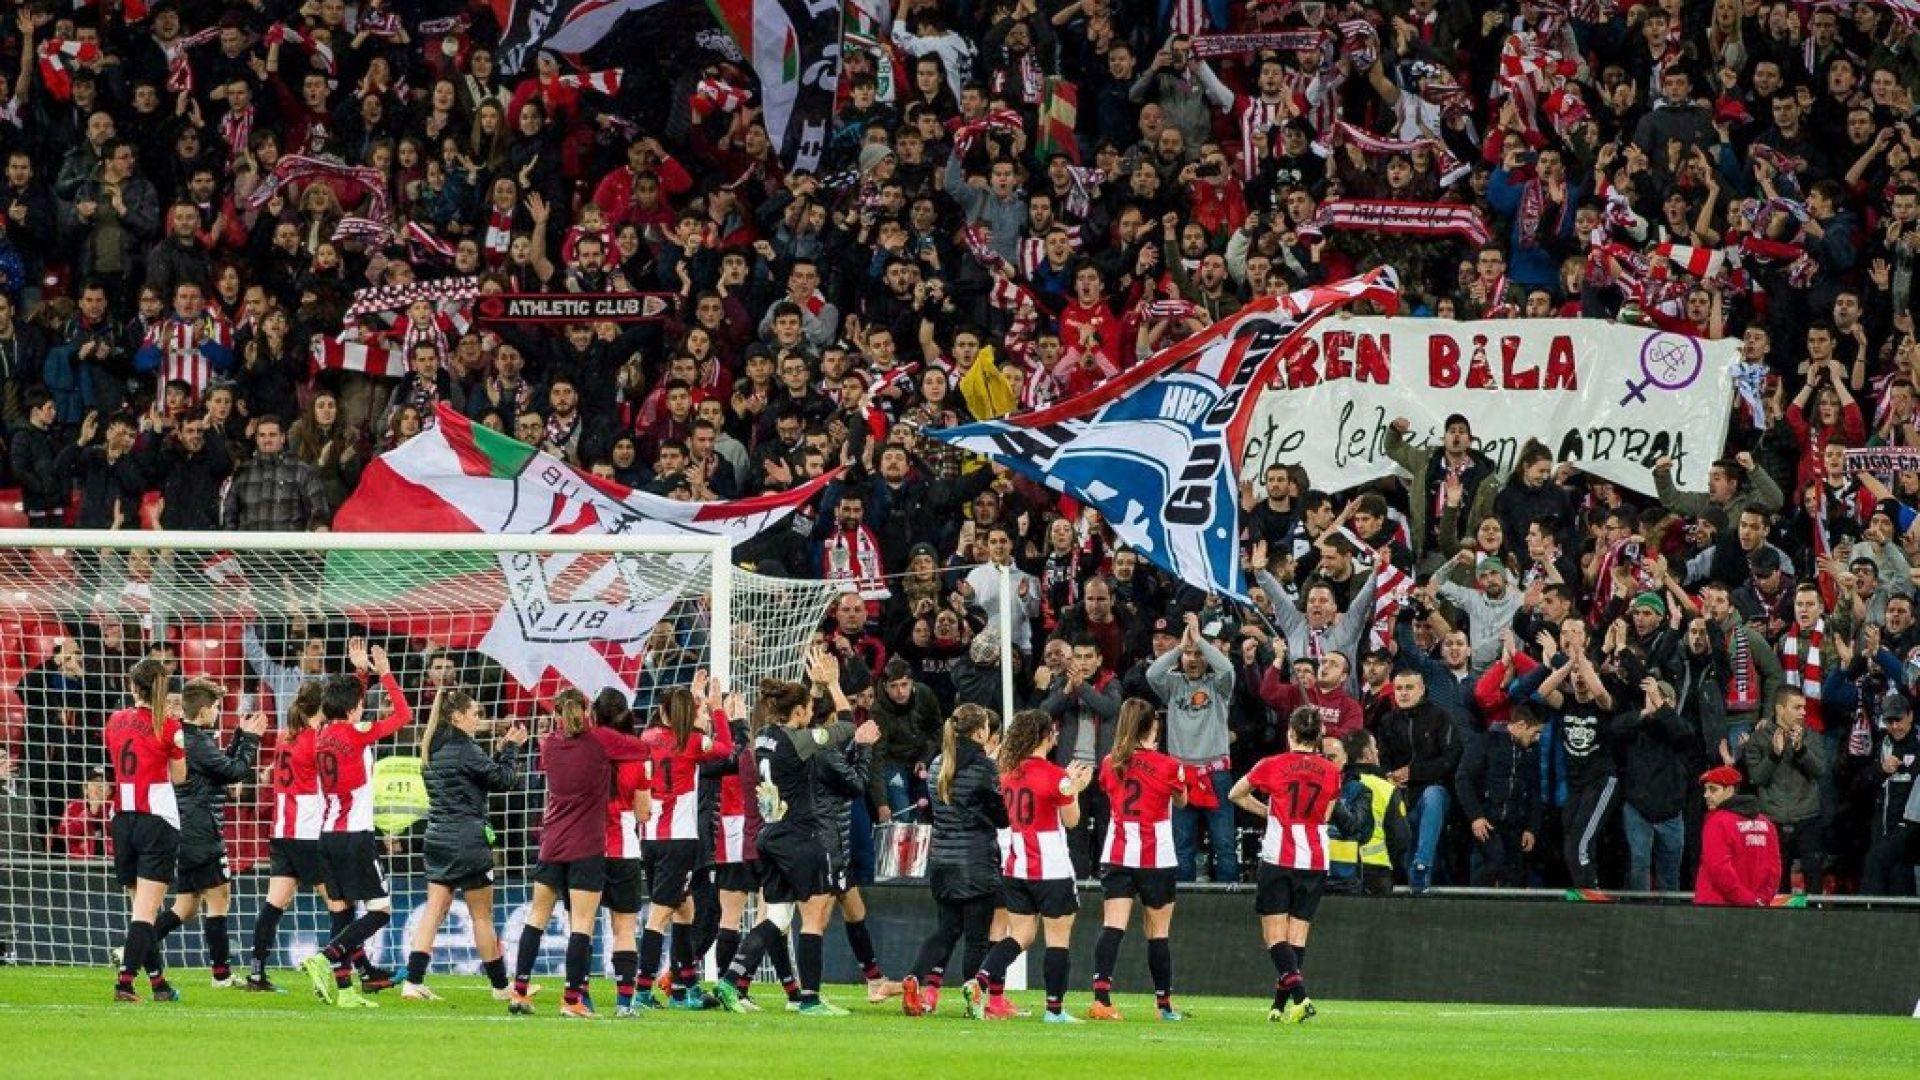 Близо 50 хиляди души присъстваха на женски футболен мач